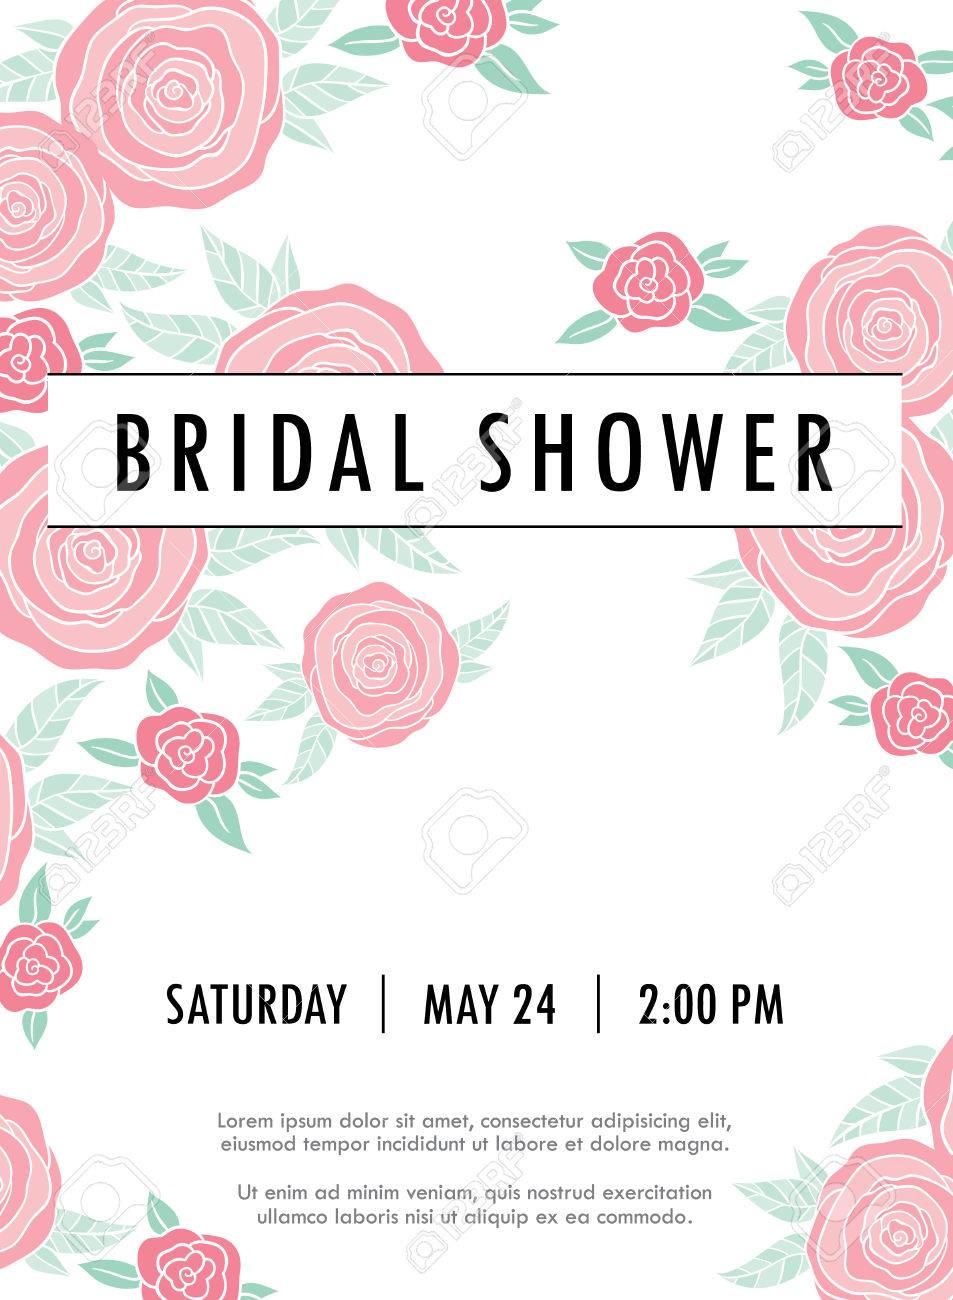 Einladung Hochzeit Karte Mit Aktuellen Trendigen Vorlage Blumen